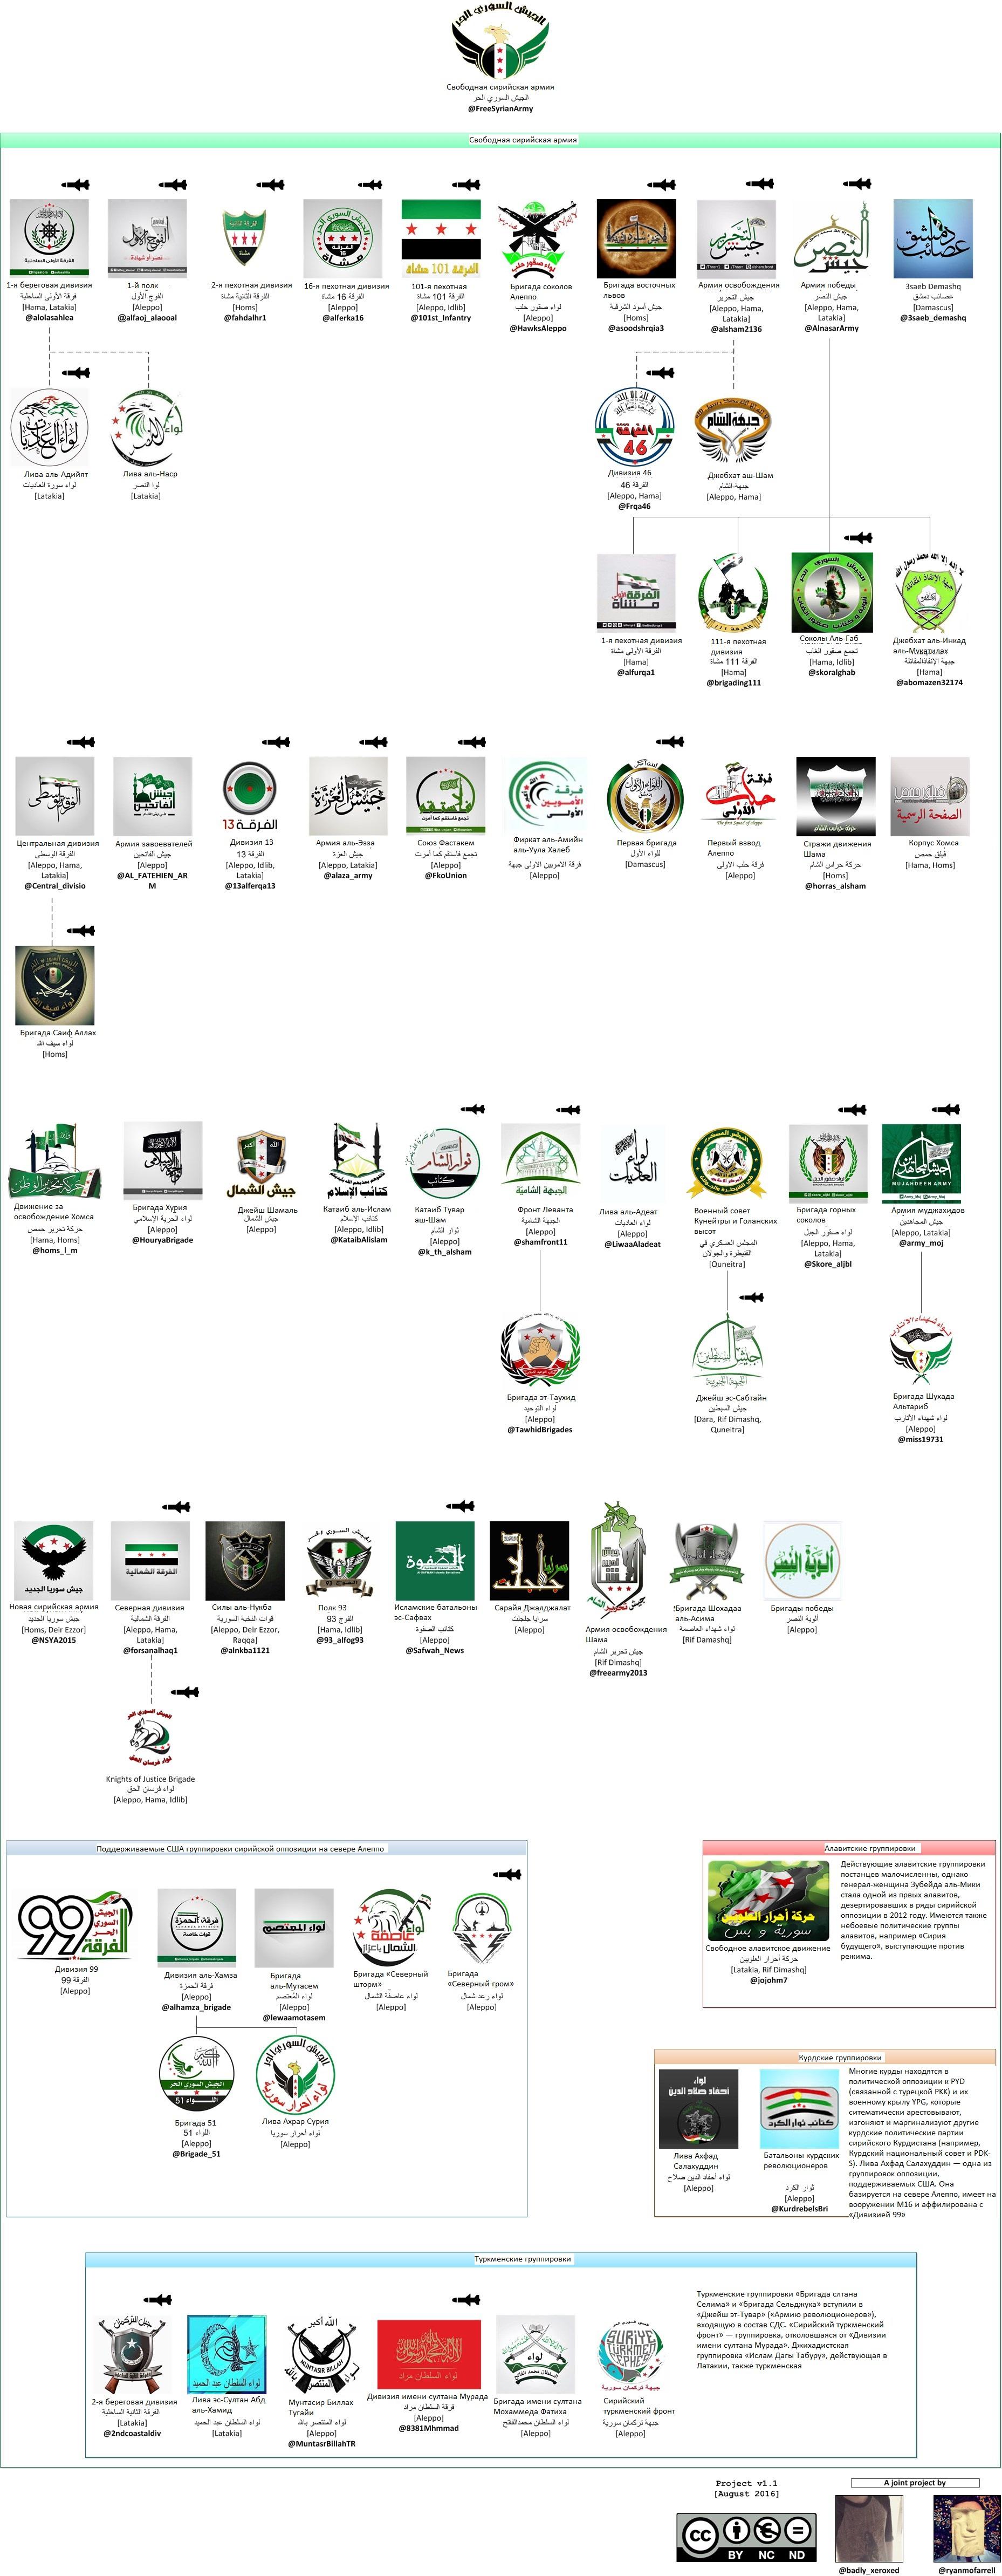 Все группировки Свободной сирийской армии, относящиеся в центральной, северной и восточной части Сирии, не относящиеся к «Южному фронту». Изображением ракеты отмечены группировки, которым поставляются противотанковые комплексы BGM-71 TOW.